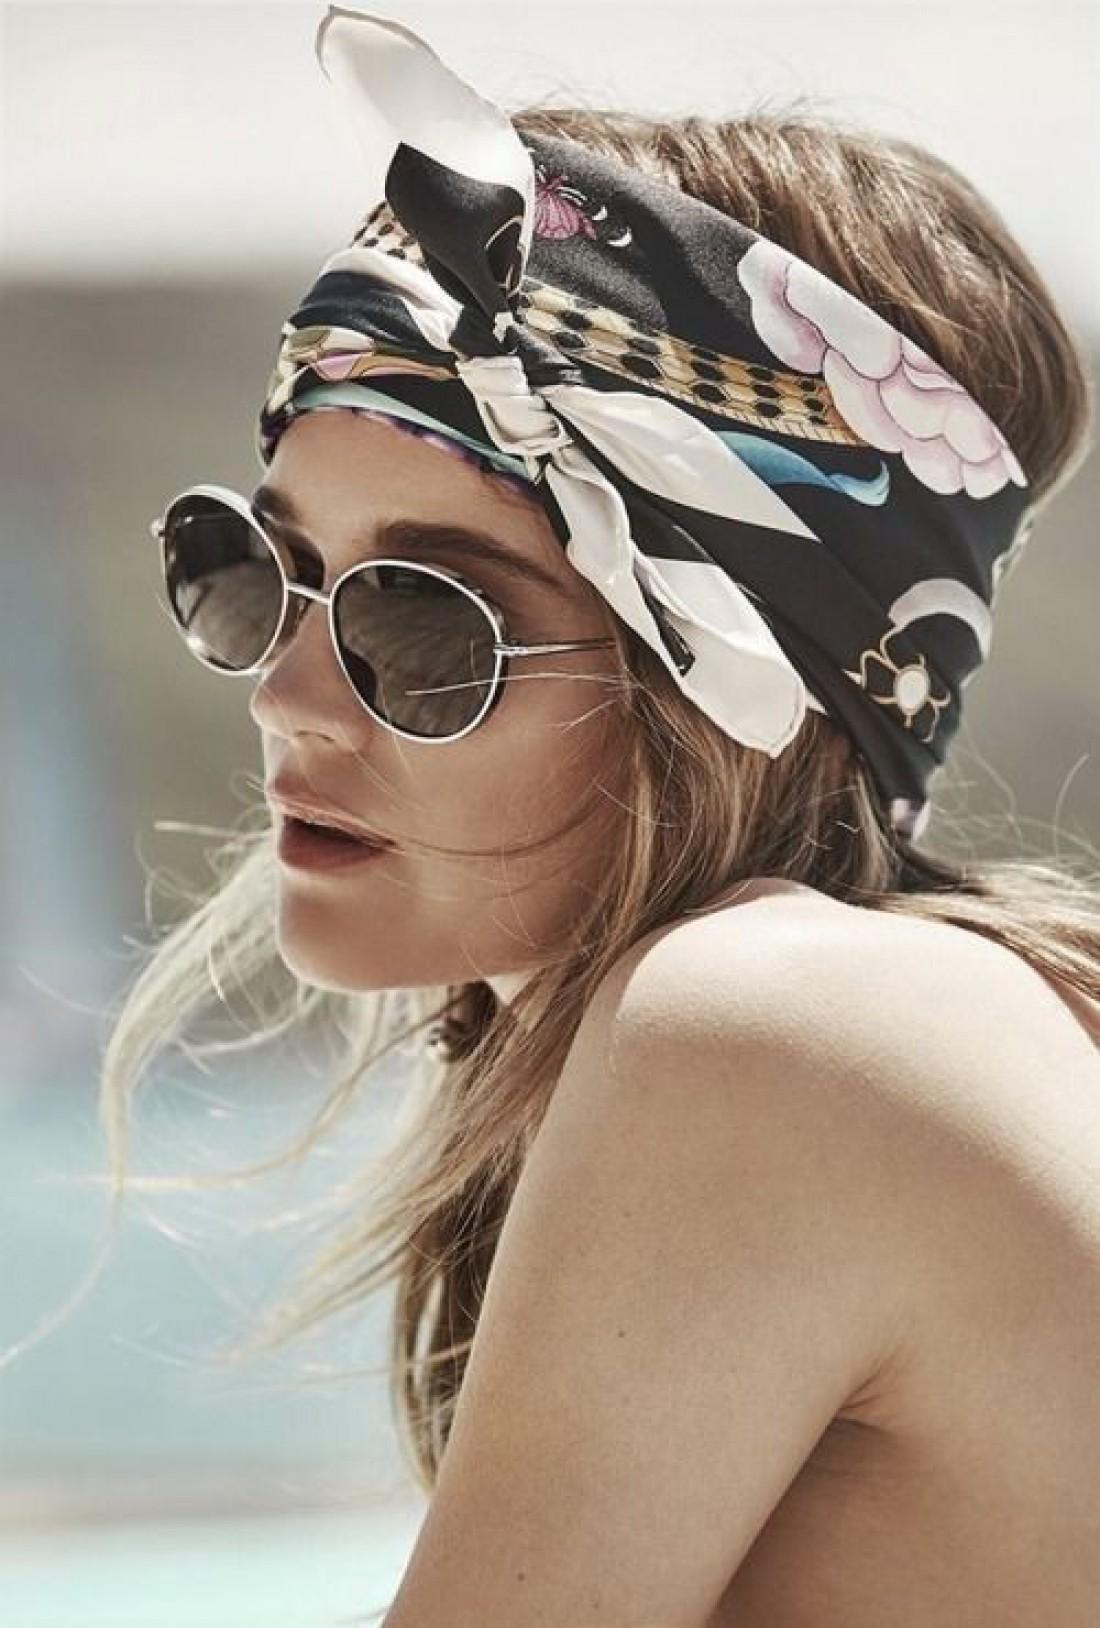 Тюрбан: как носить головной убор №1 лета 2019